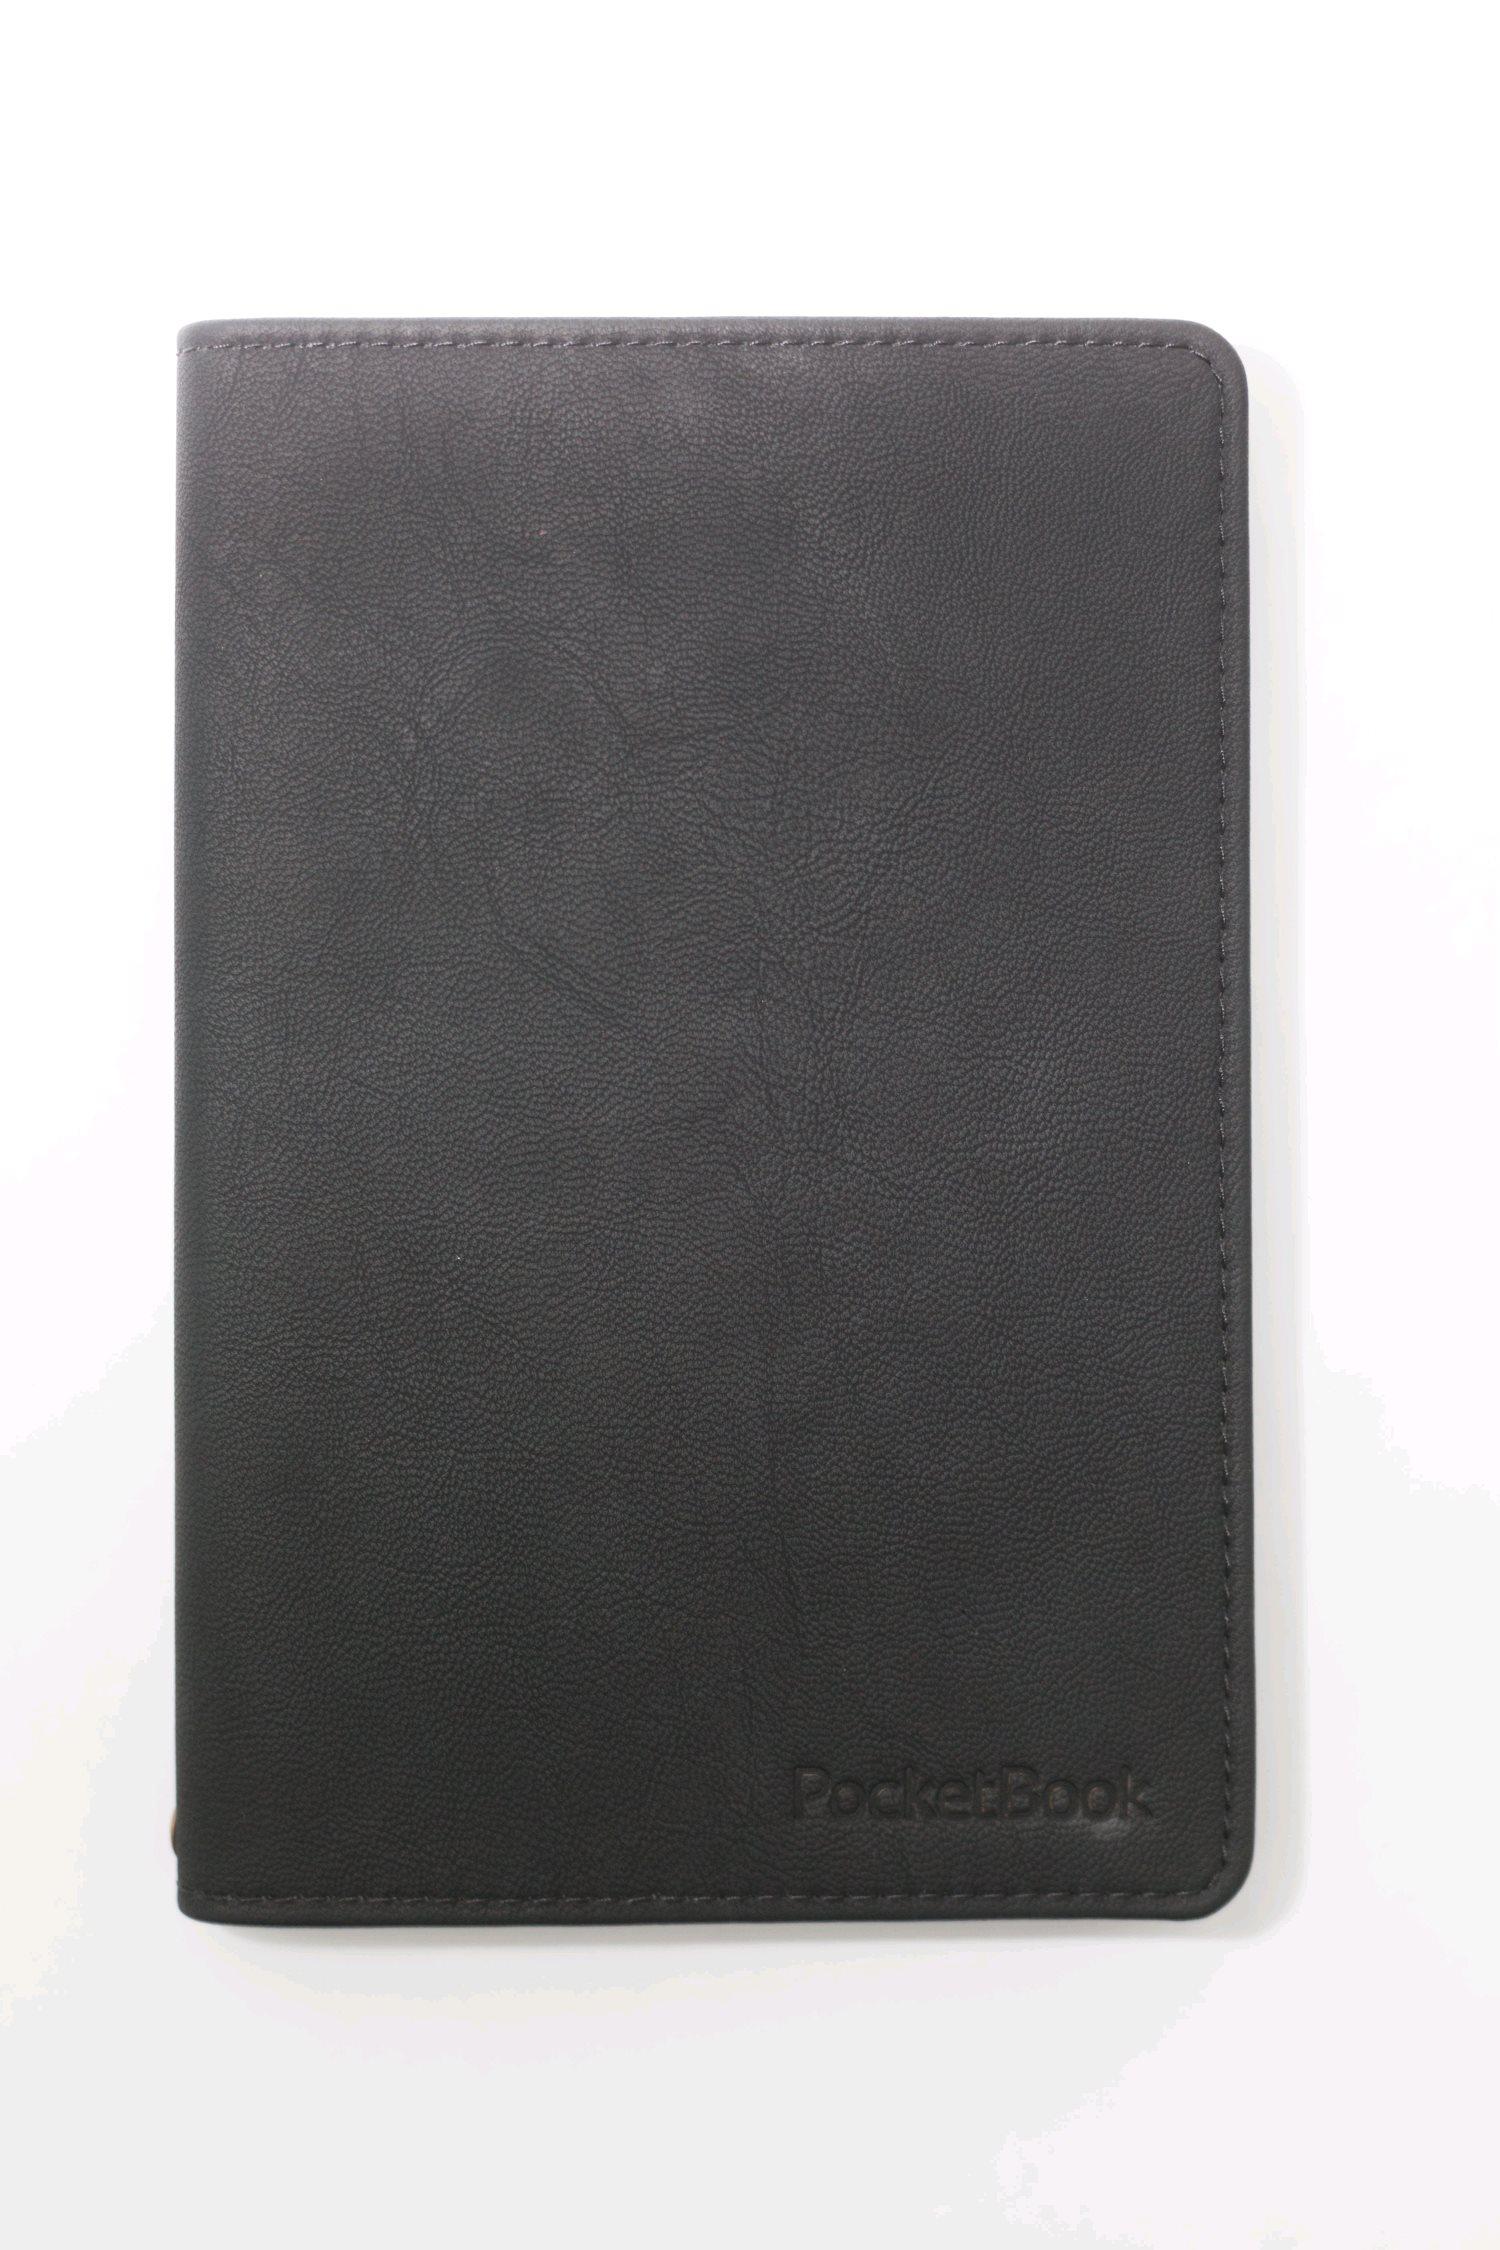 POCKETBOOK pouzdro pro 616 a 627, černé